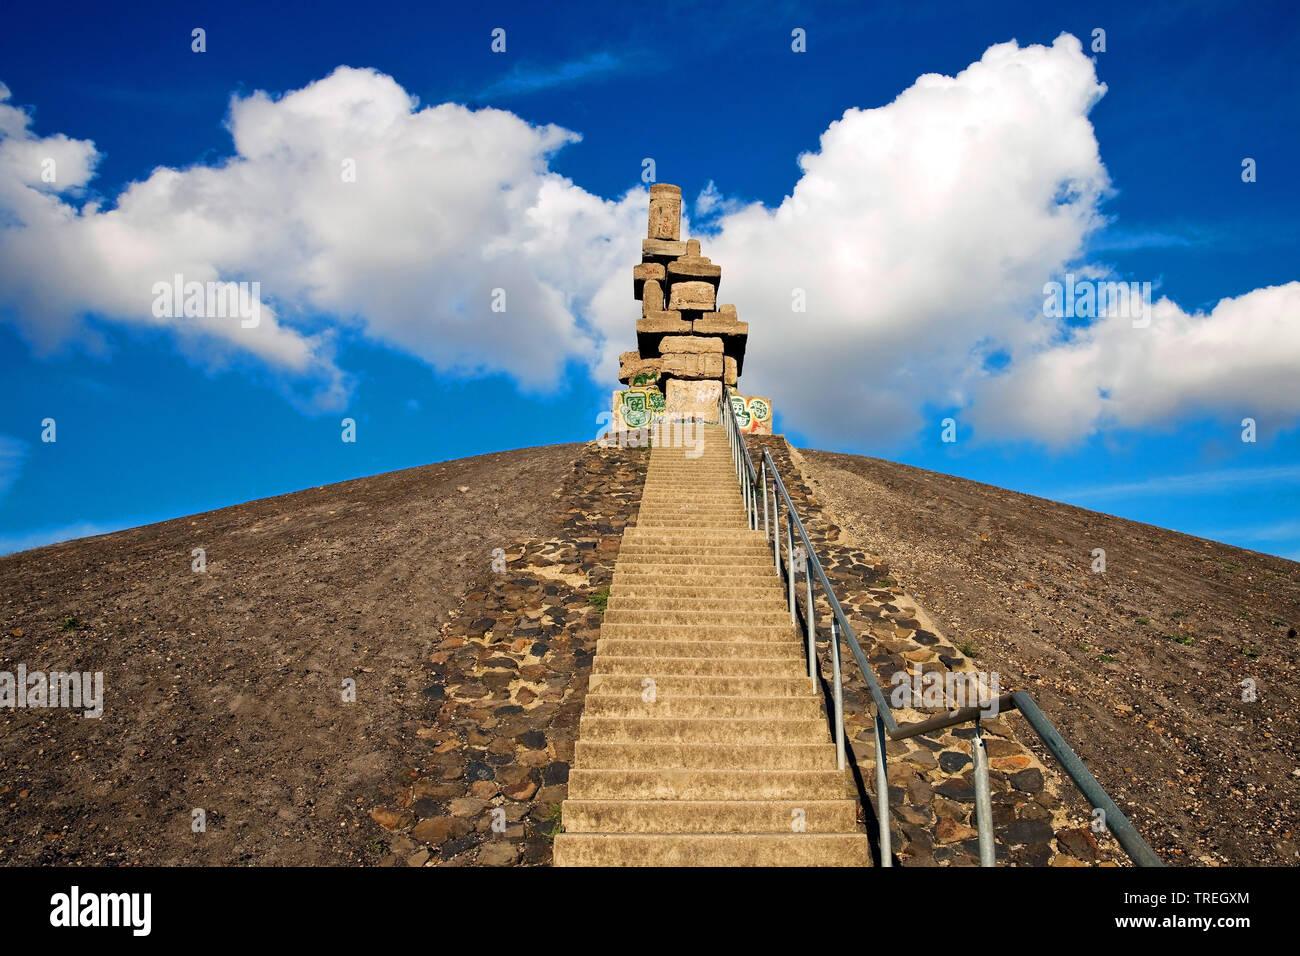 Himmelstreppe auf der Halde Rheinelbe, Deutschland, Nordrhein-Westfalen, Ruhrgebiet, Gelsenkirchen   Halde Rheinelbe mit Himmelstreppe, Sky Treppe Stockbild